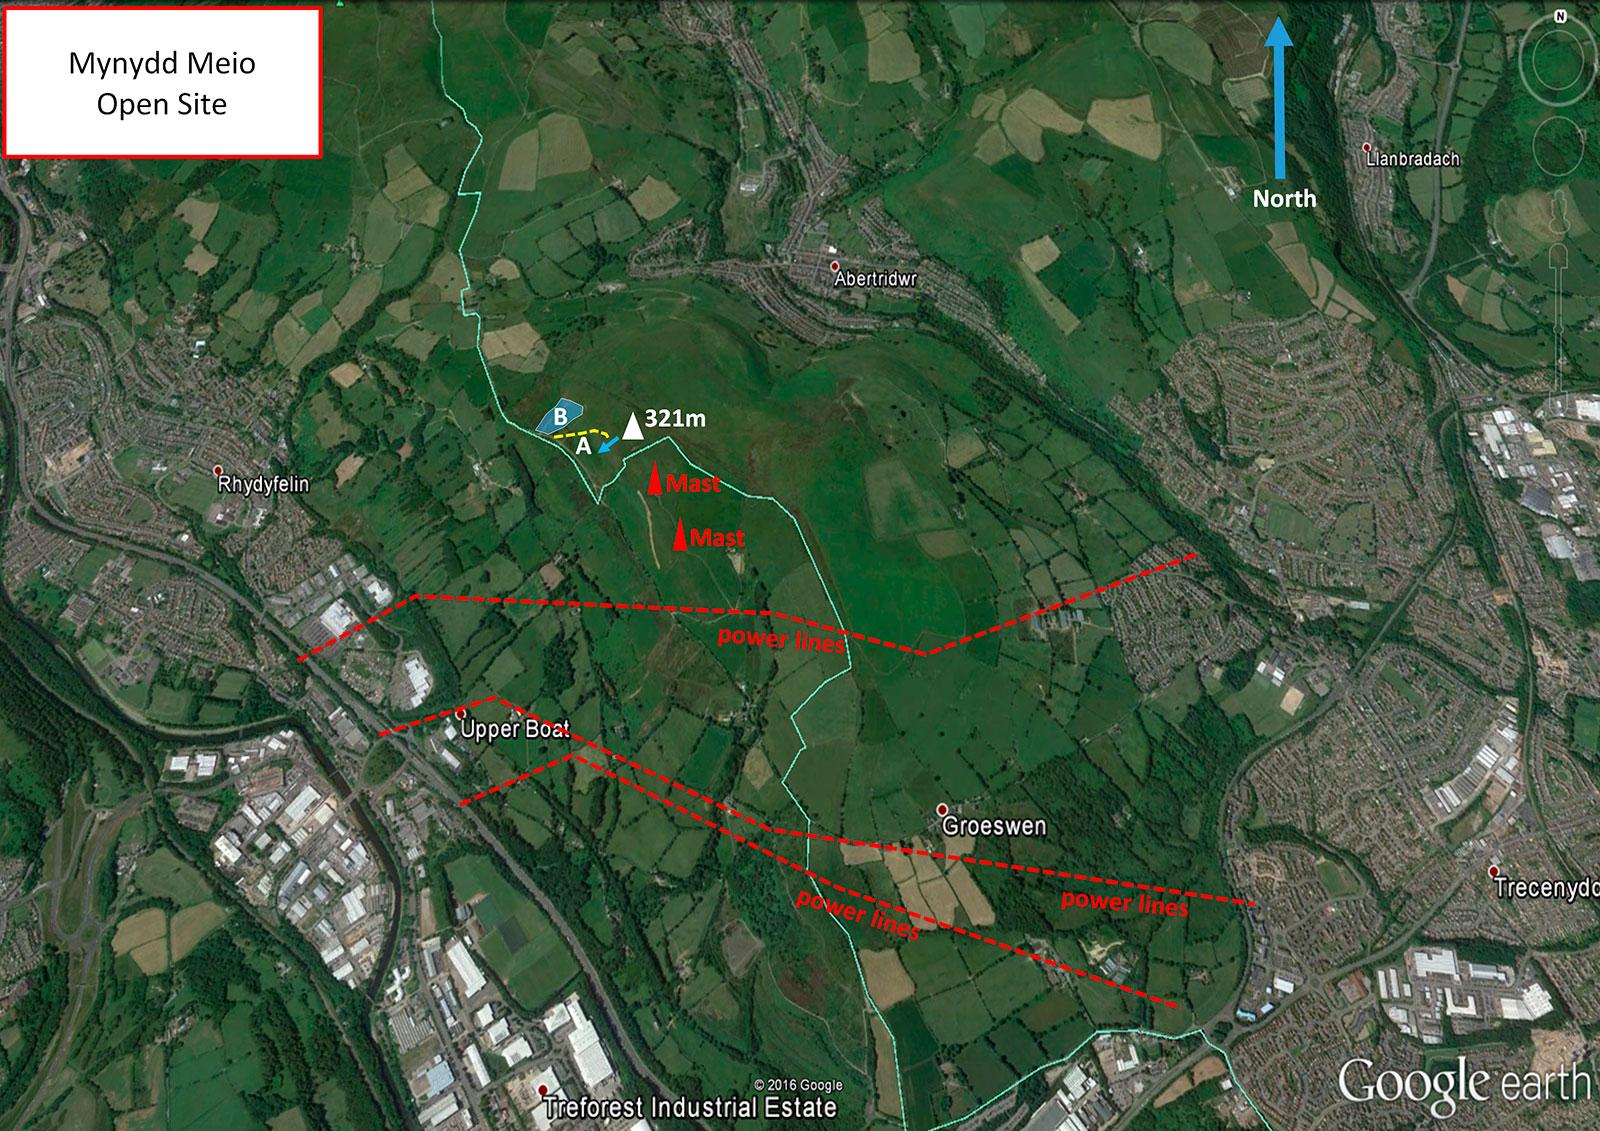 mynydd-meio-site-image-map